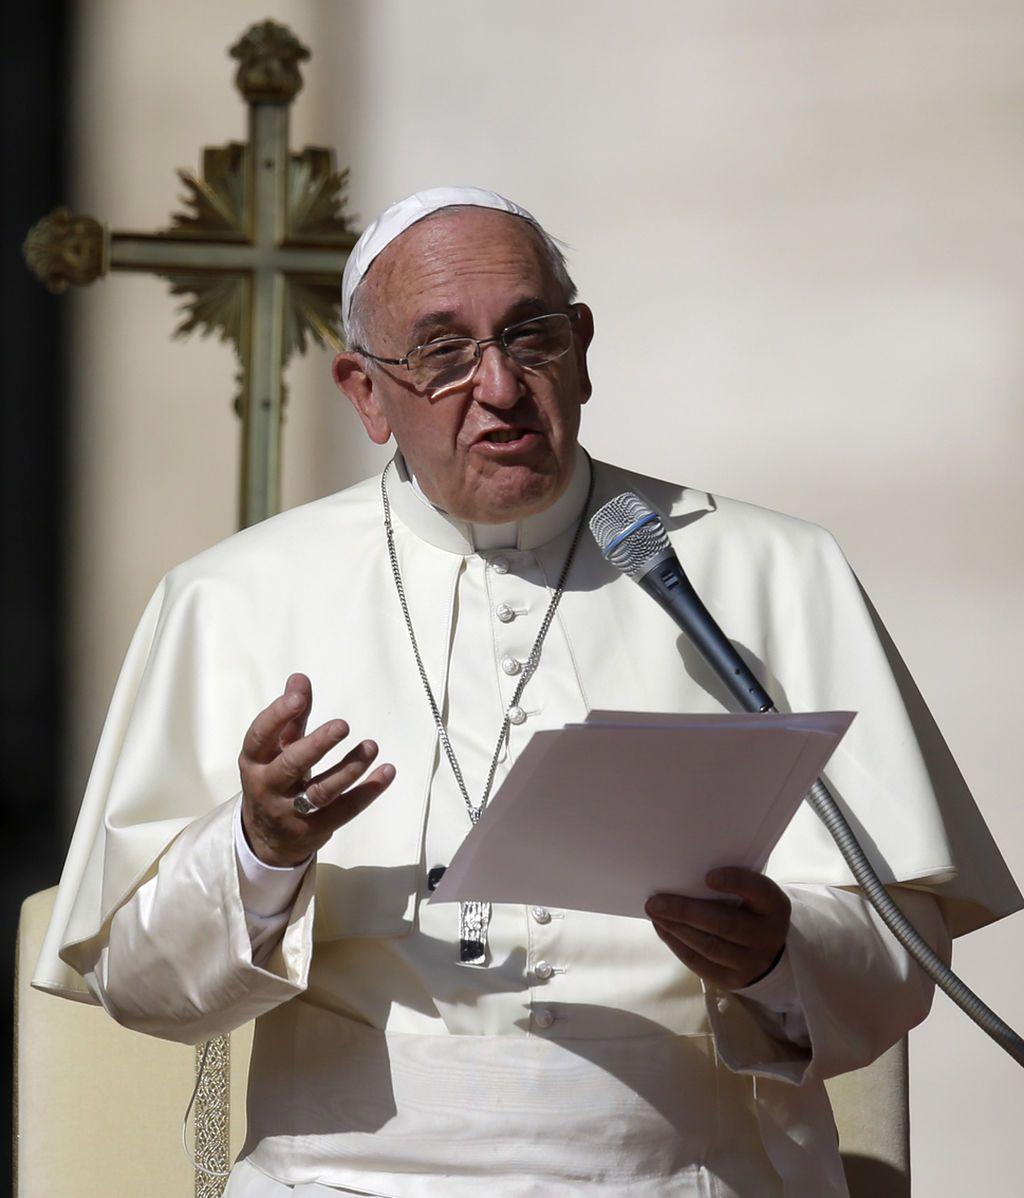 El Papa Francisco se sitúa como el líder con mejor reputación